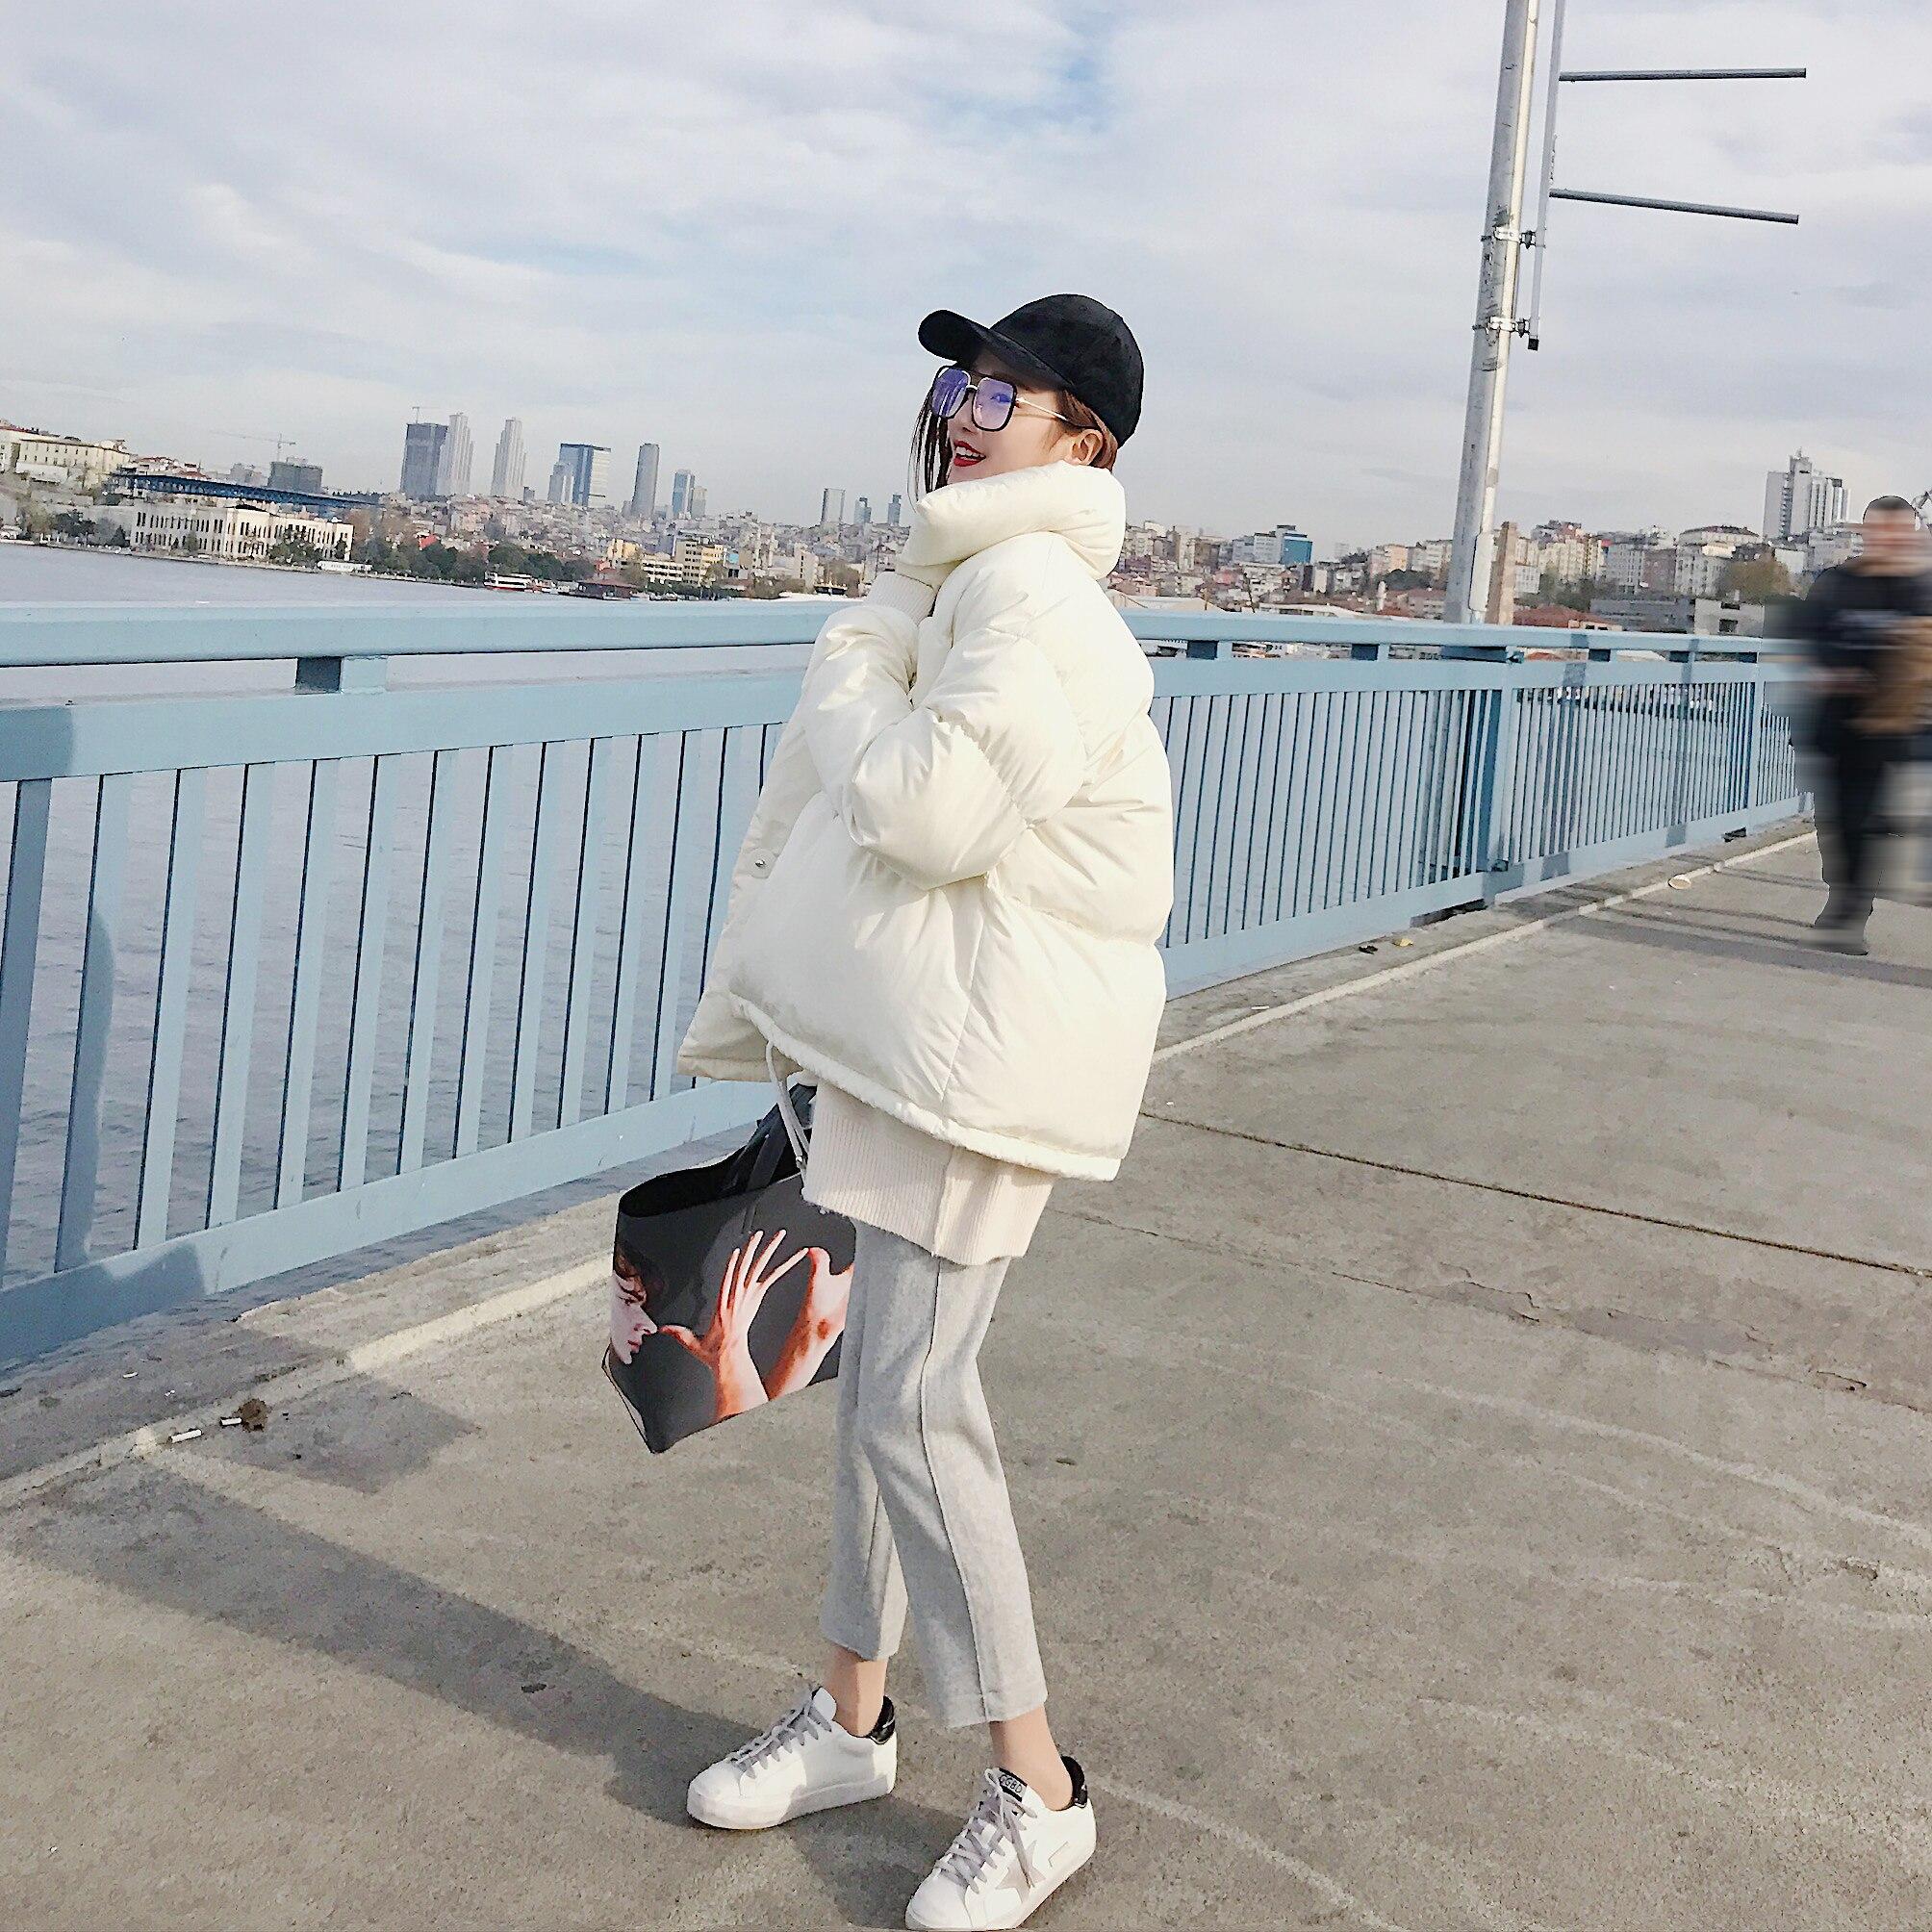 Zvaqs Casual Lx018 Court Manteau Coton Tops Cream Casaco Feminino Veste Rembourré Coréen Survêtement 2018 Hiver colored Chaud Femmes Conception Parka rTvwqrRn